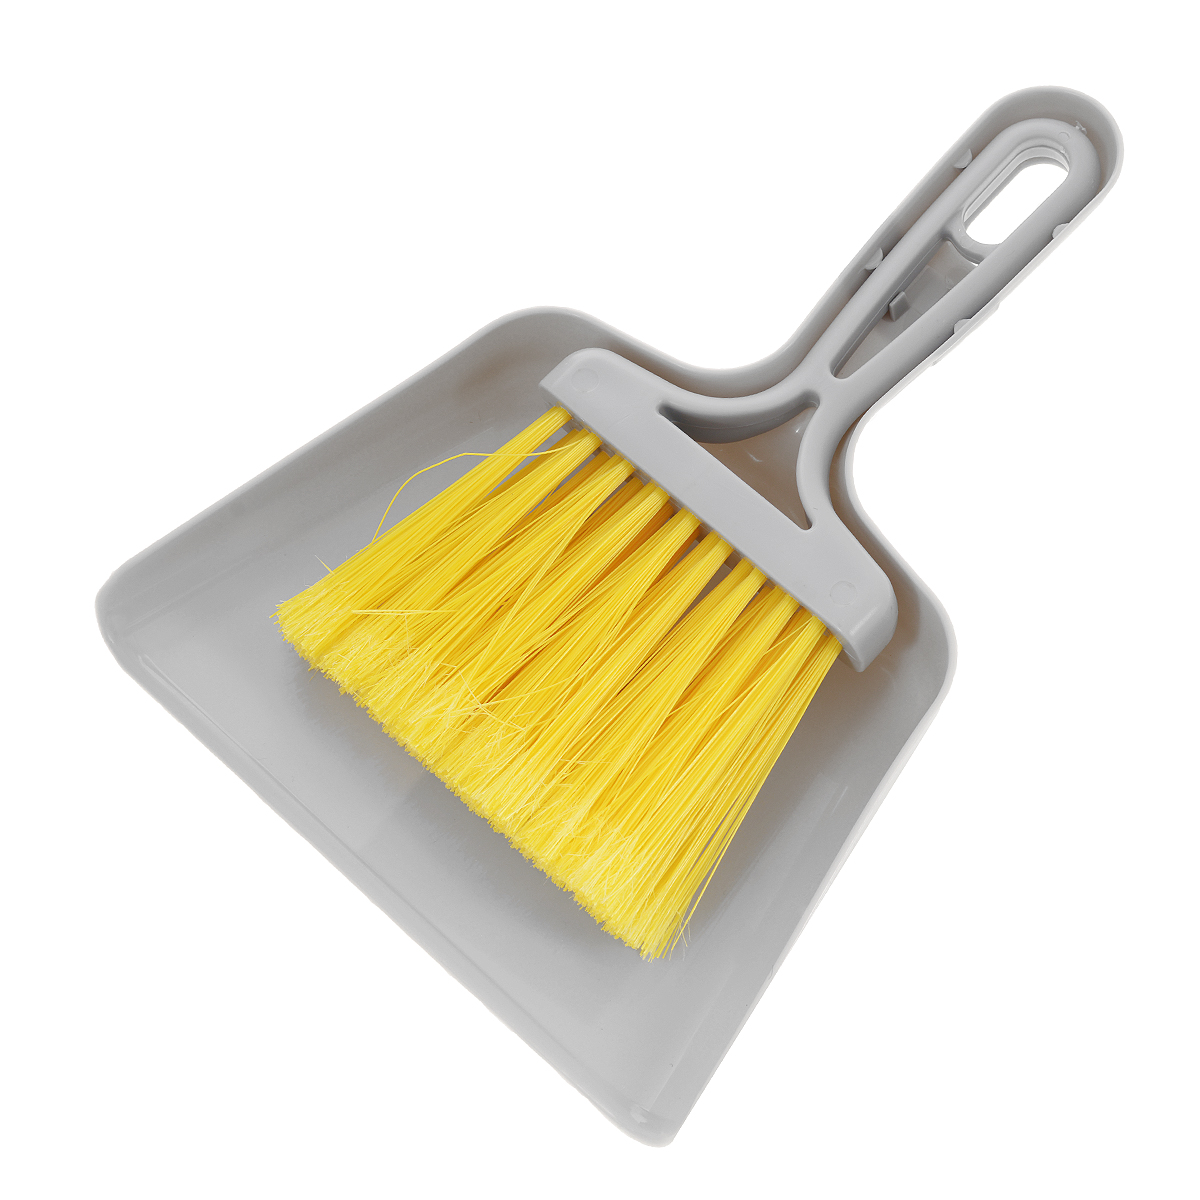 Совок Mini с щеткой, цвет: серый11701-A серыйНабор Fratelli Mini включает щетку с синтетическим ворсом и совок, изготовленный из высококачественного пластика. Набор идеально подходит для уборки мелкого мусора с кухонных поверхностей. Для дополнительного удобства совок и щетка снабжены специальной петелькой, с помощью которой, вложив щетку в совок, их можно разместить в любом месте.Размер совка с ручкой: 24 см х 18 см х 3,5 см.Размер щетки: 20 см х 11,5 см х 2,5 см.